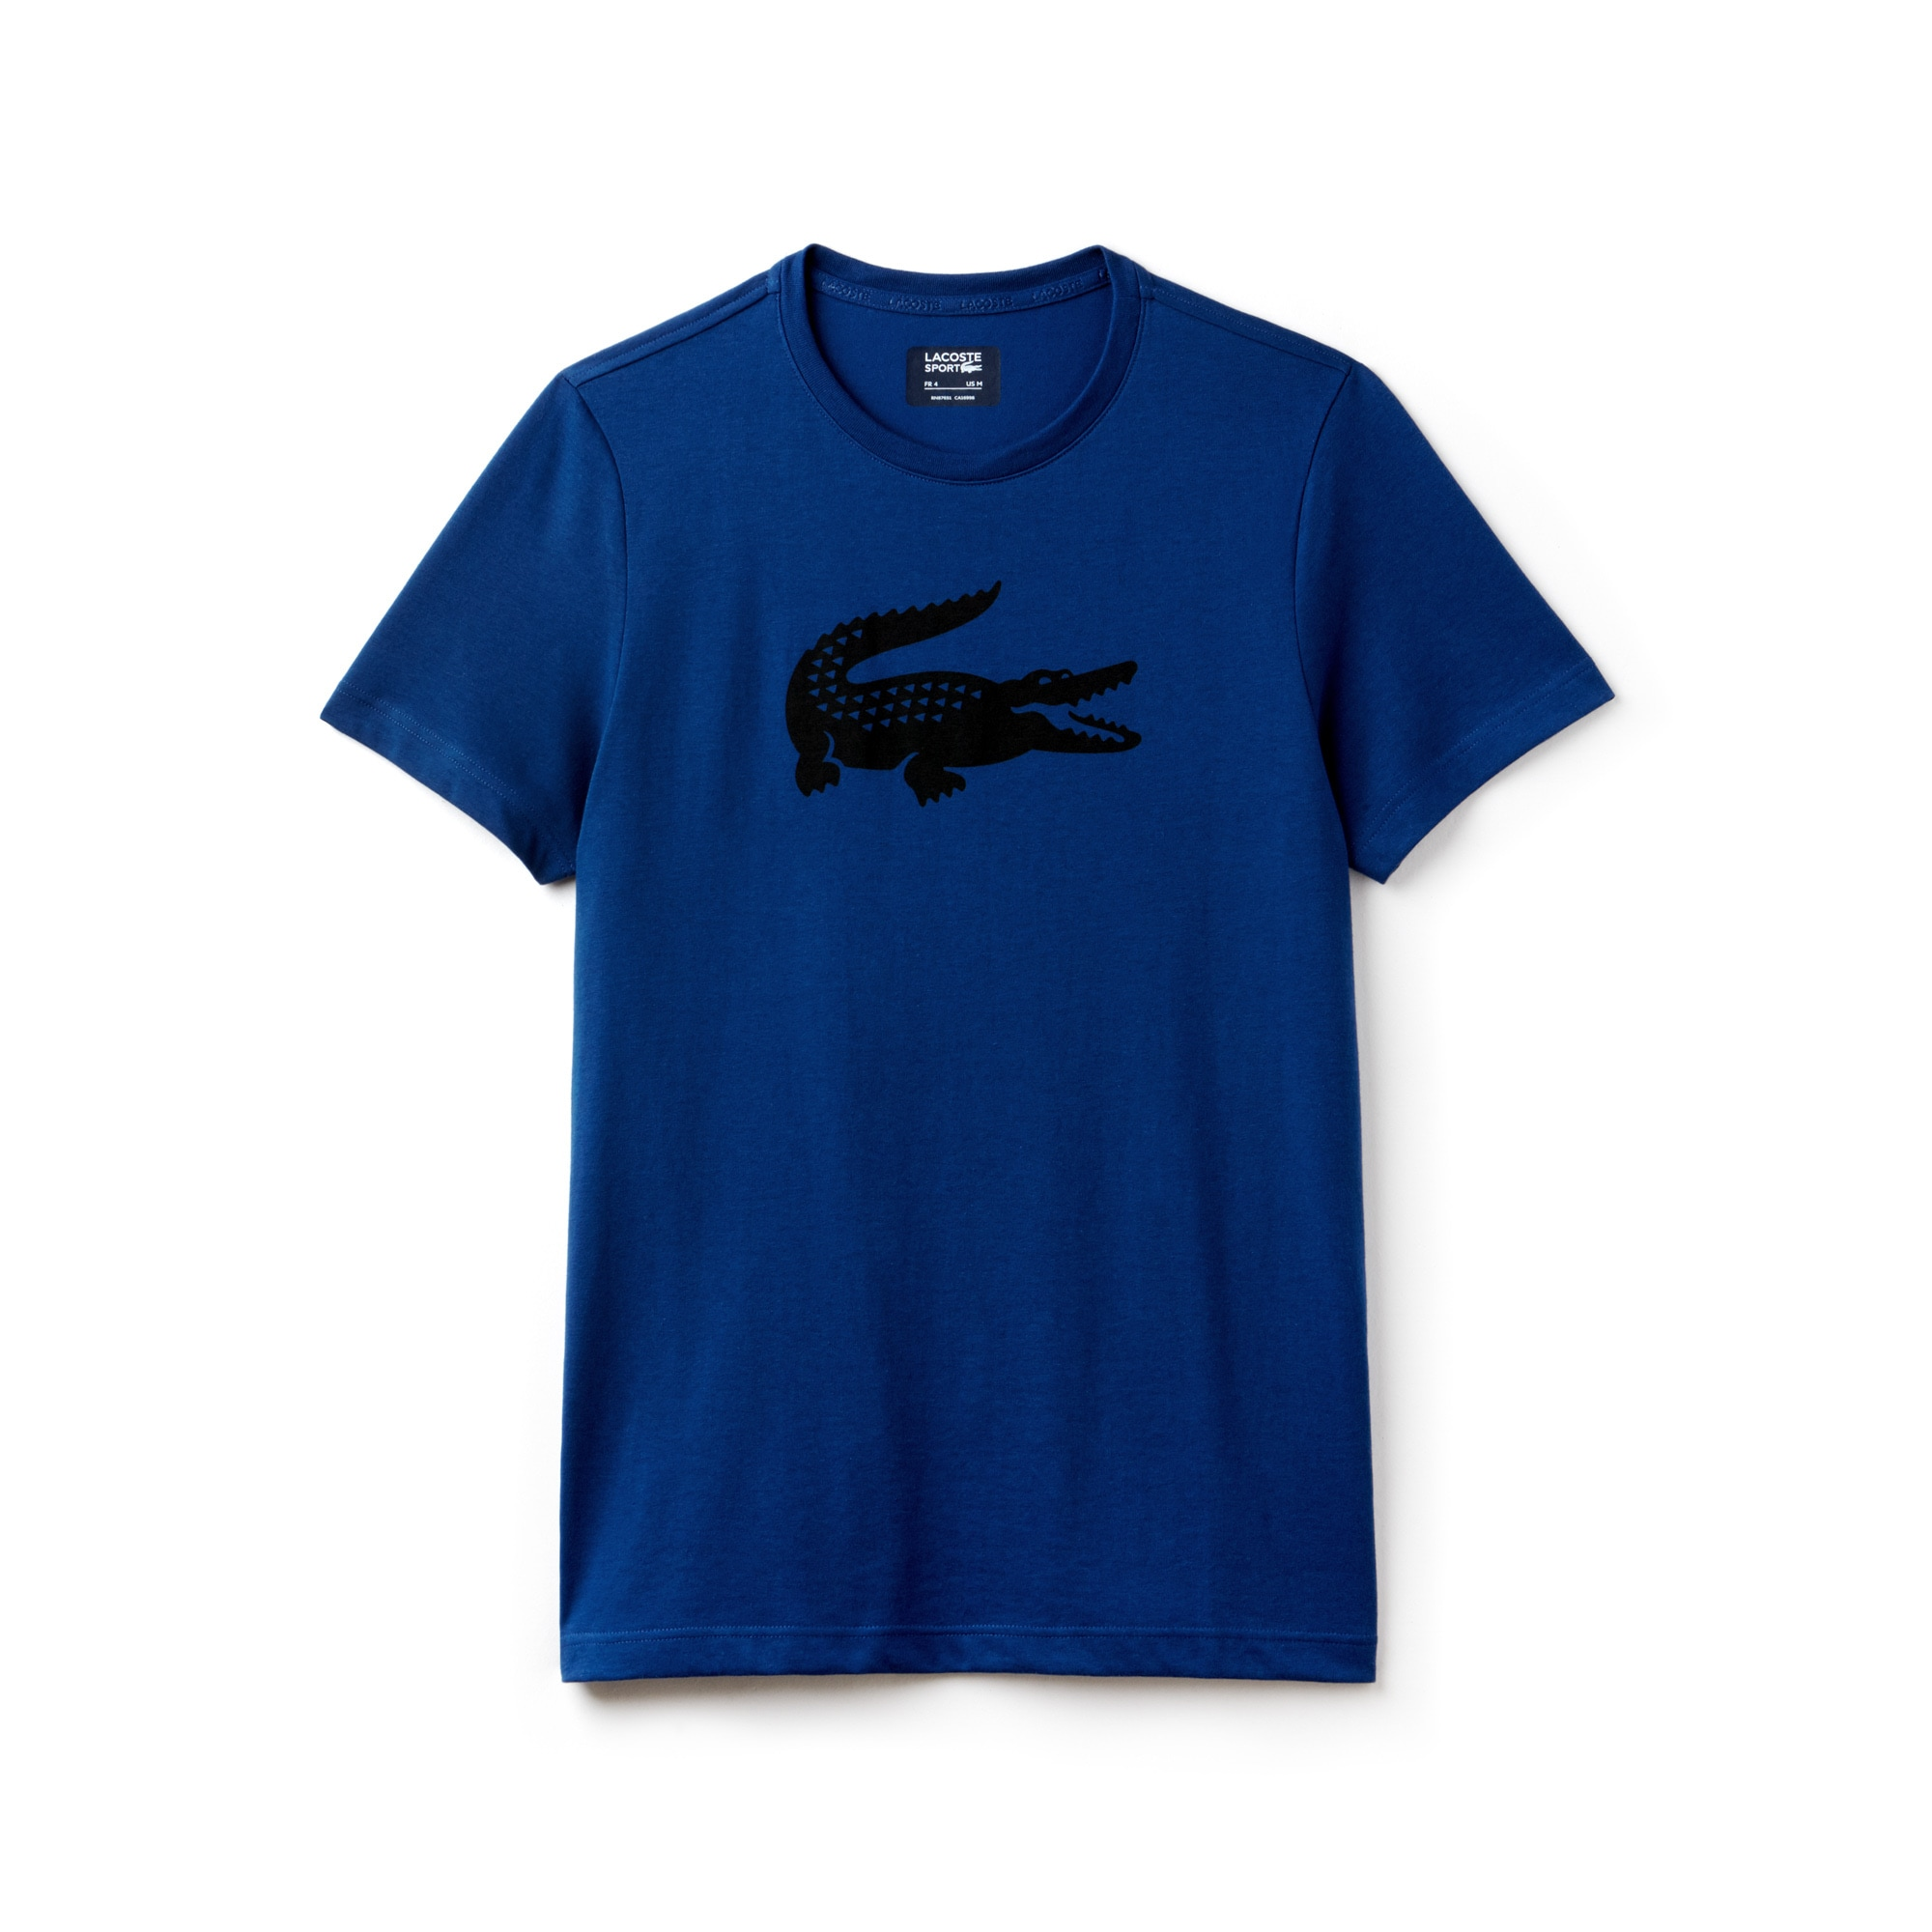 Men's SPORT Oversize Croc Tech Jersey Tennis T-shirt